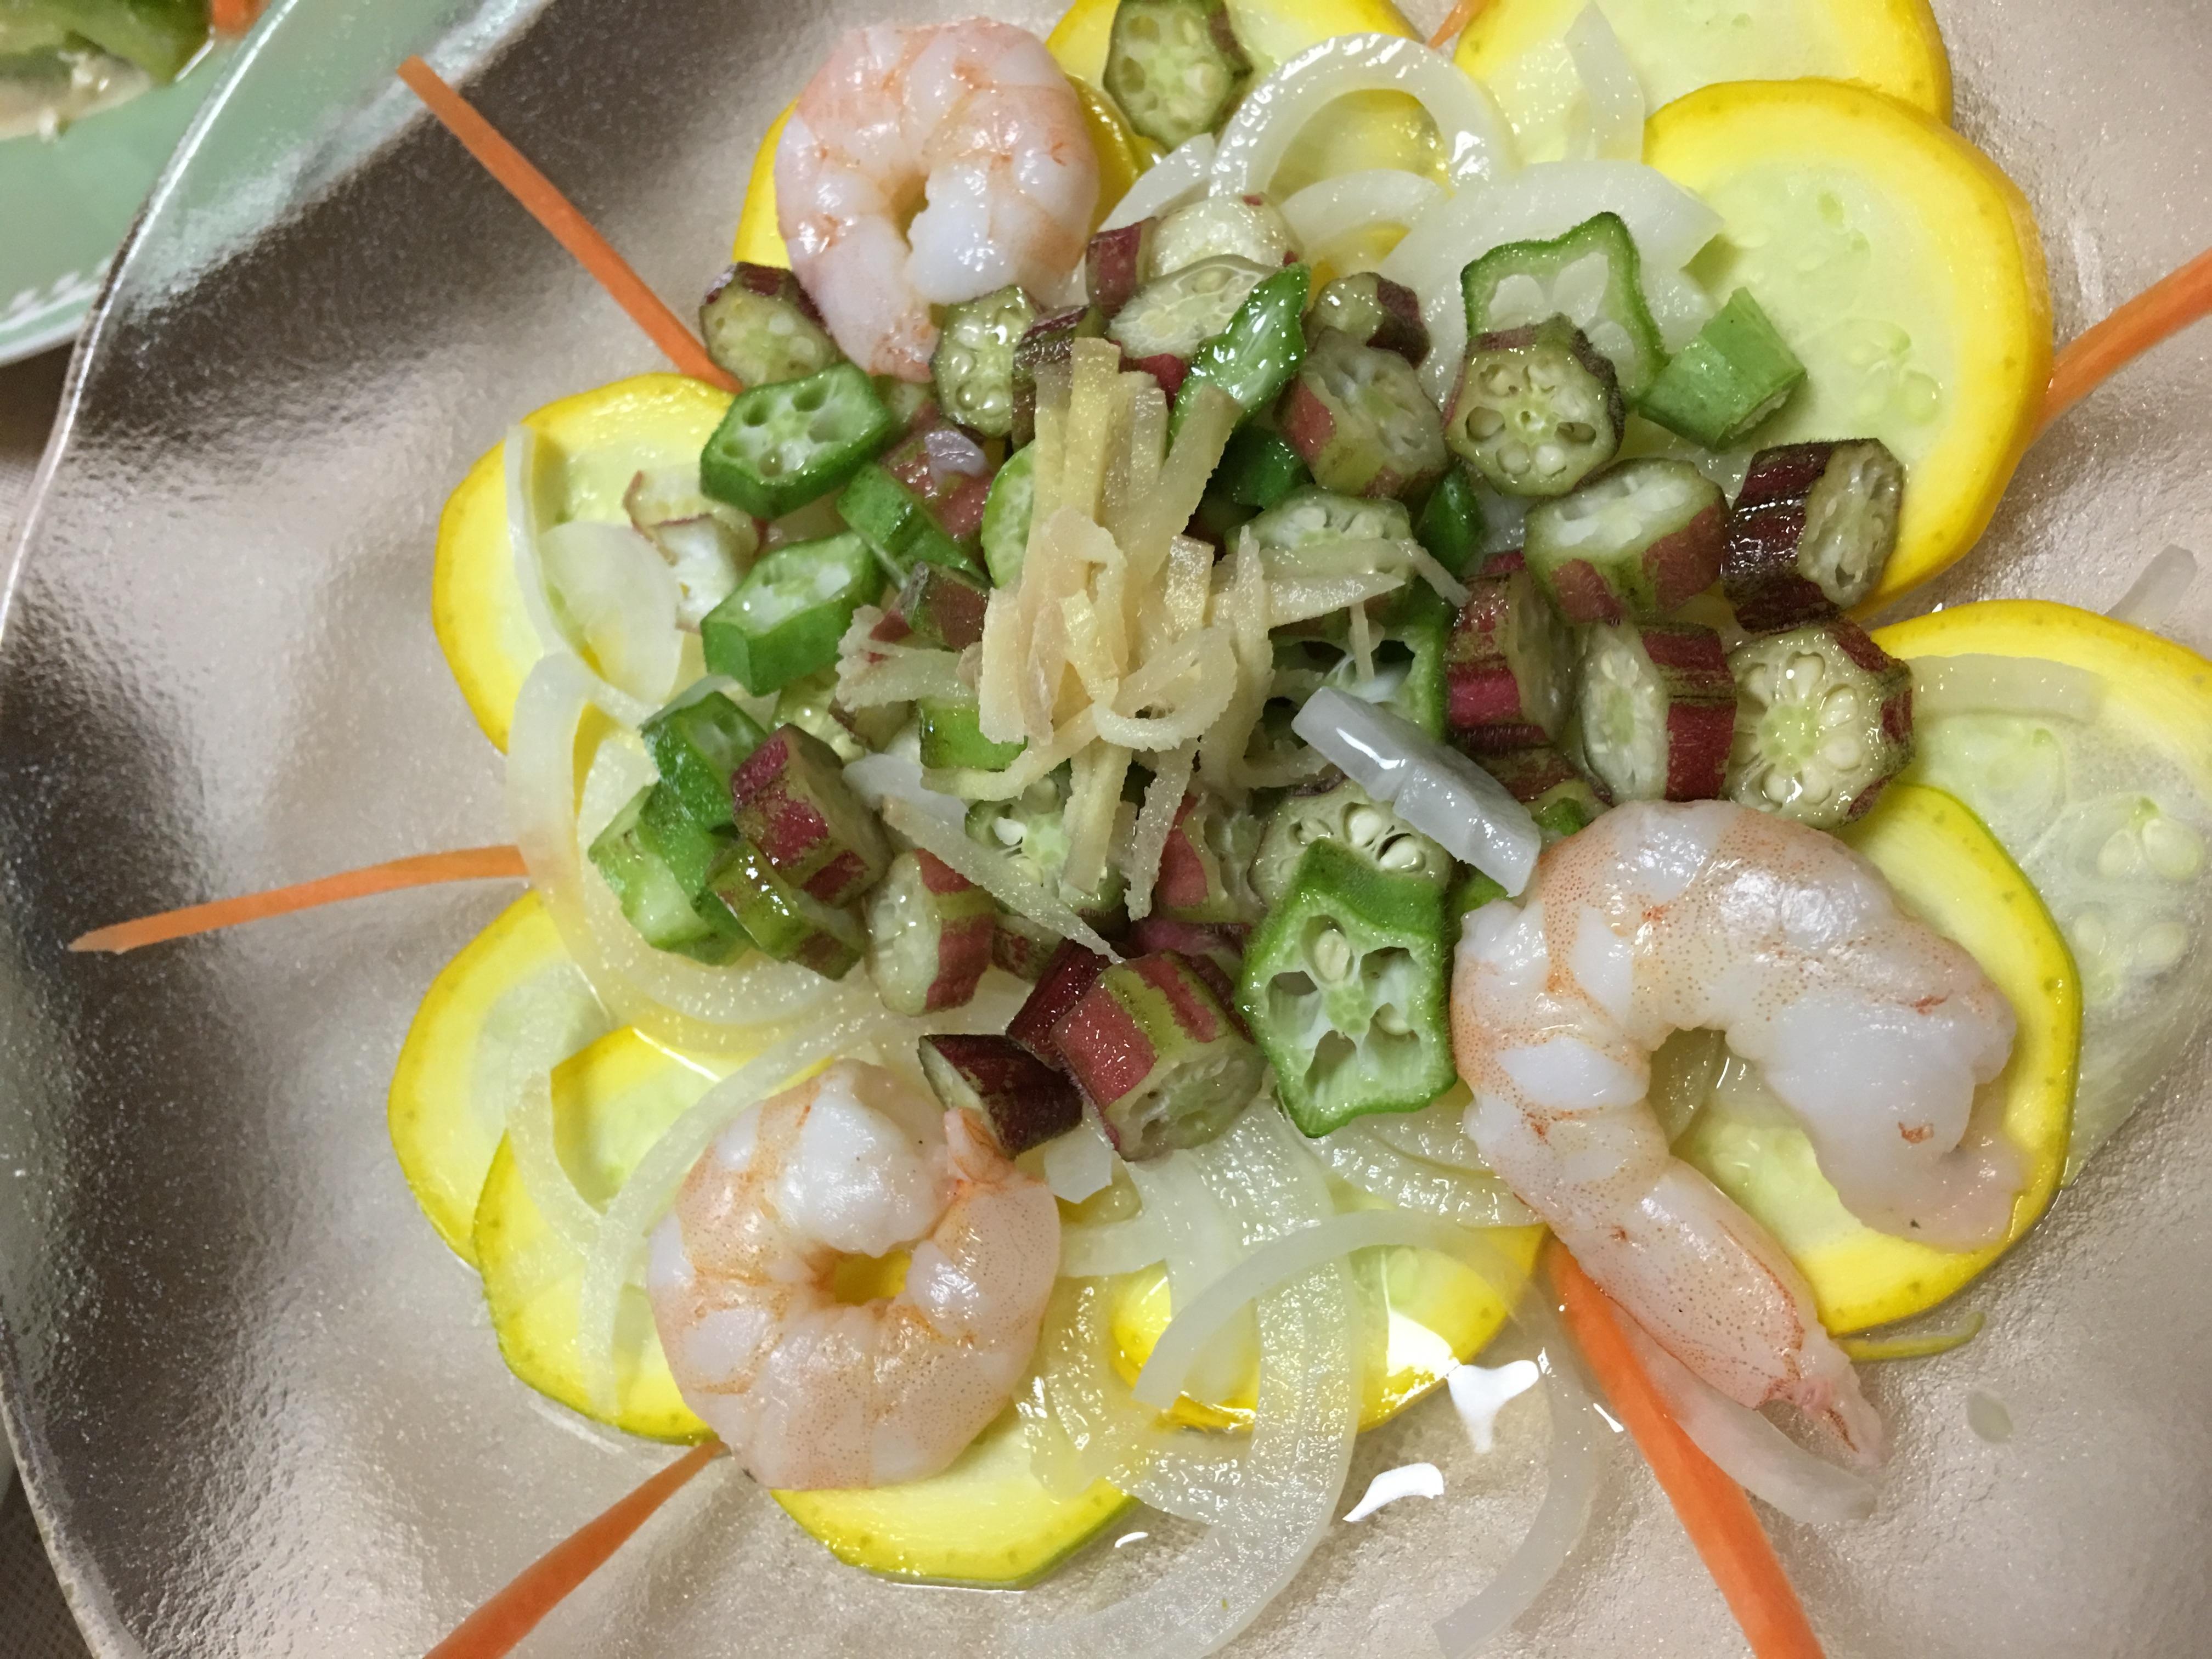 ズッキーニとオクラとエビのサラダの写真